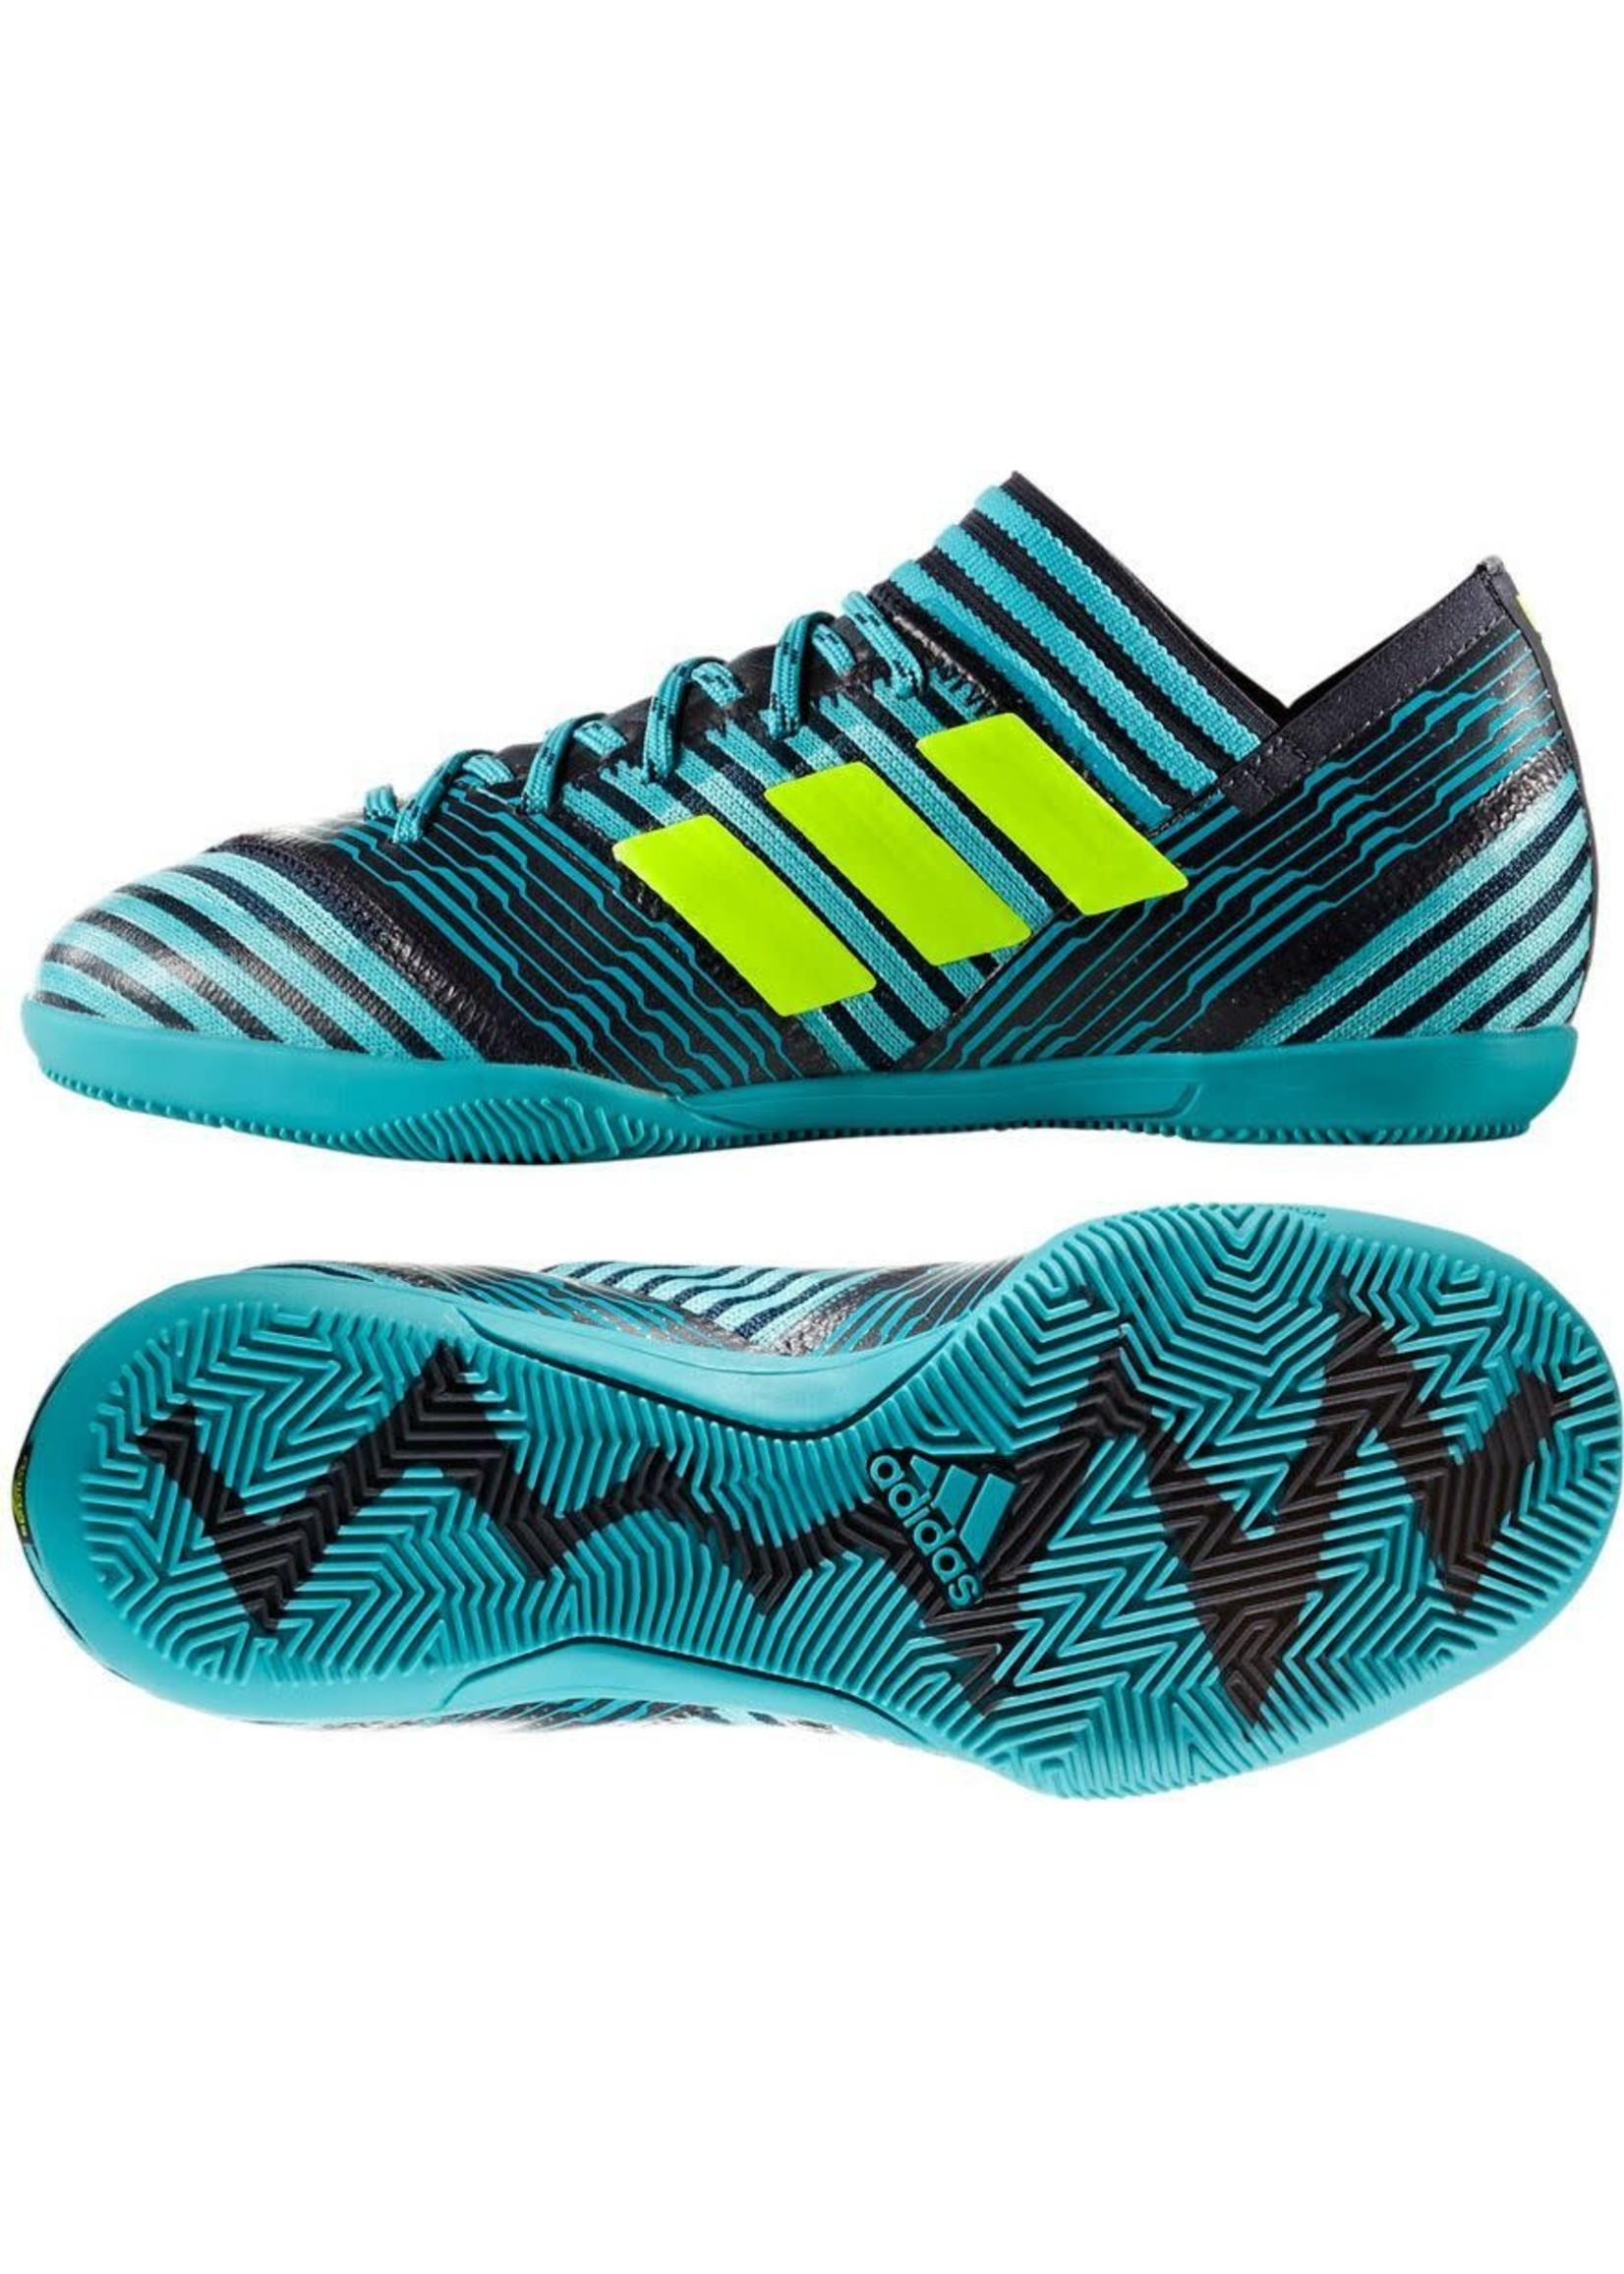 Adidas NEMEZIZ TANGO 17.3 IN JR